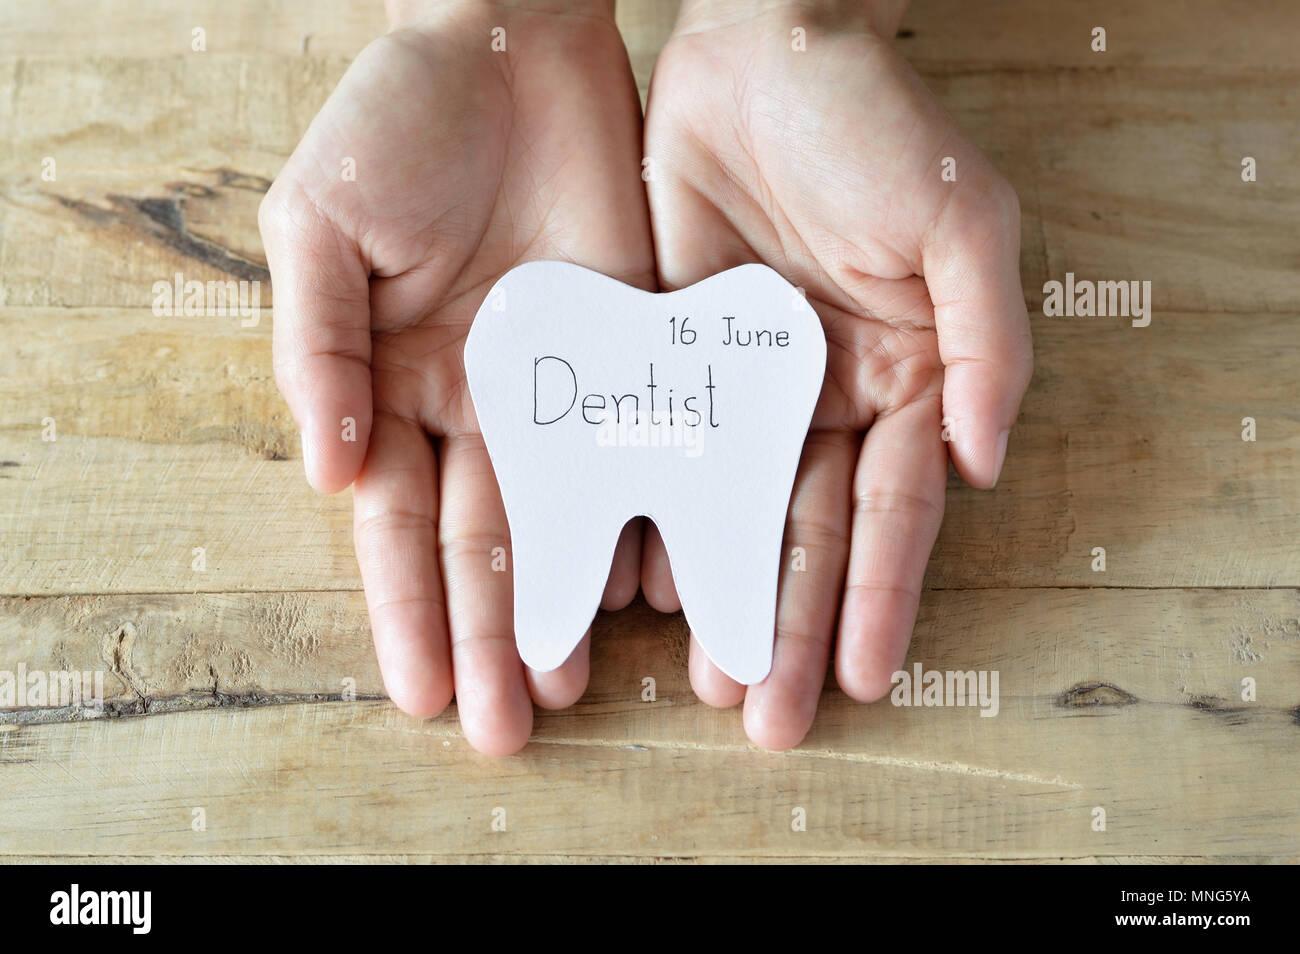 Rendez-vous chez le dentiste, coupures forme des dents écrire le mot que dentiste et date dans la main femme Photo Stock